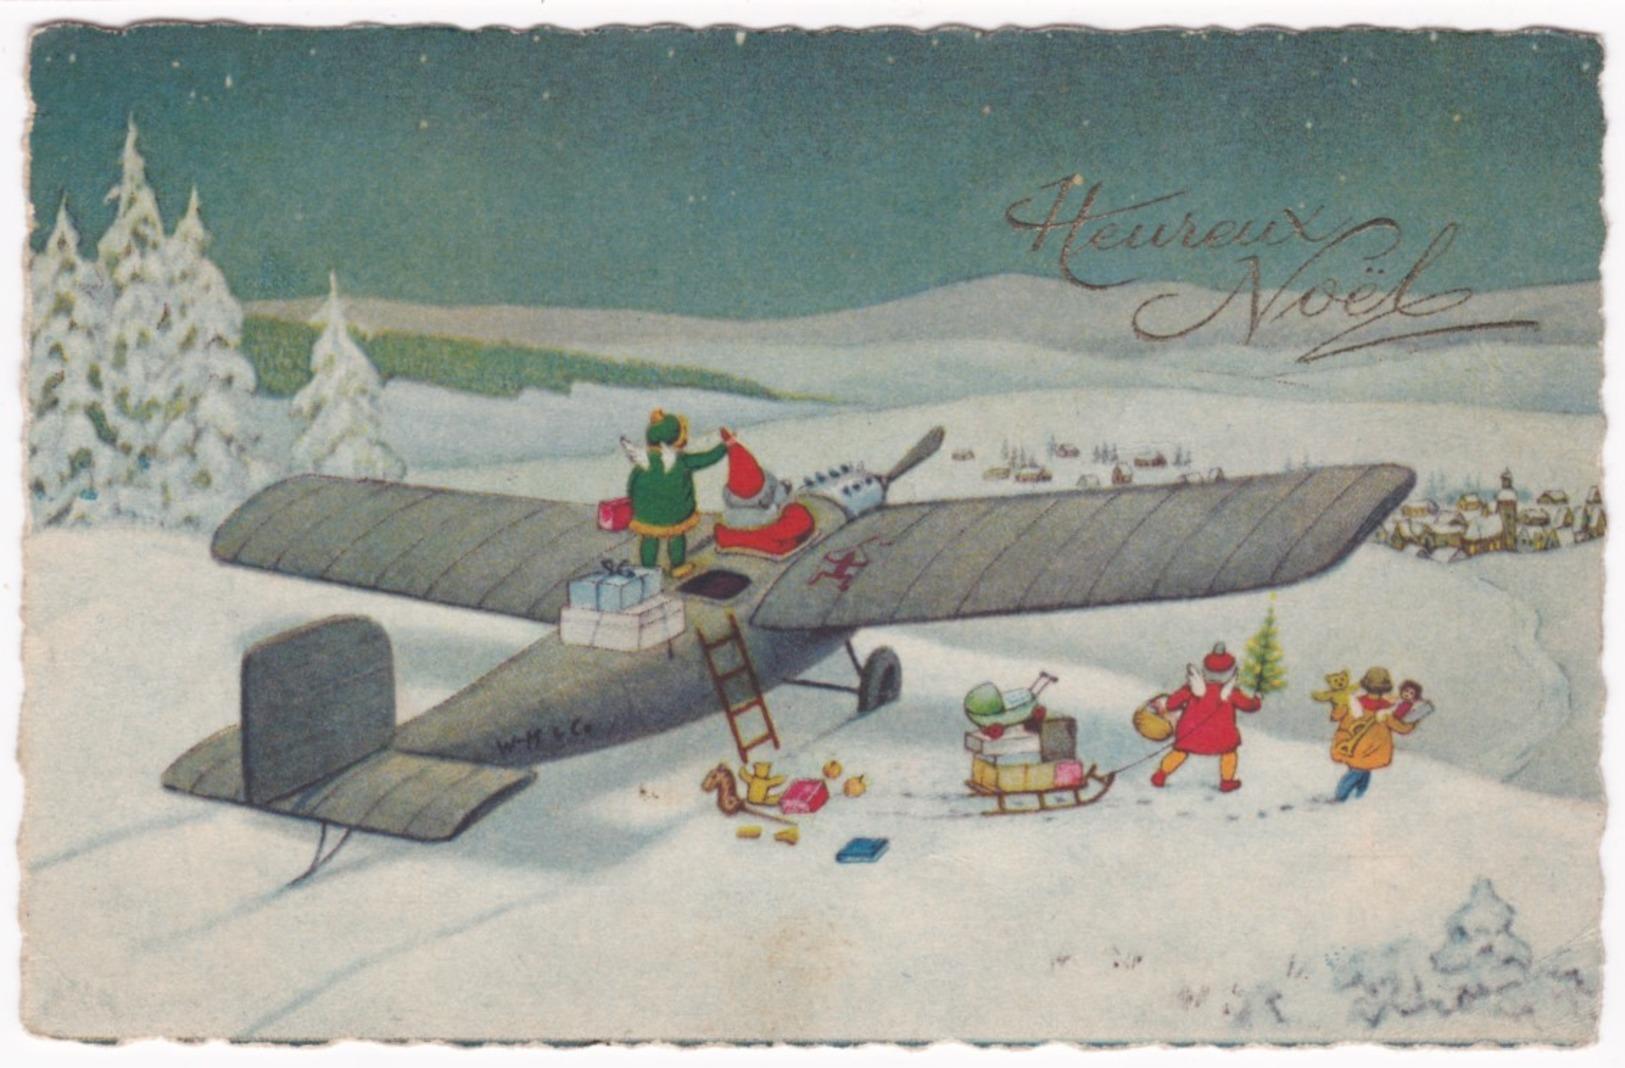 Illustrateur Signé - Heureux Noël - Père Noël En Avion - Autres Illustrateurs